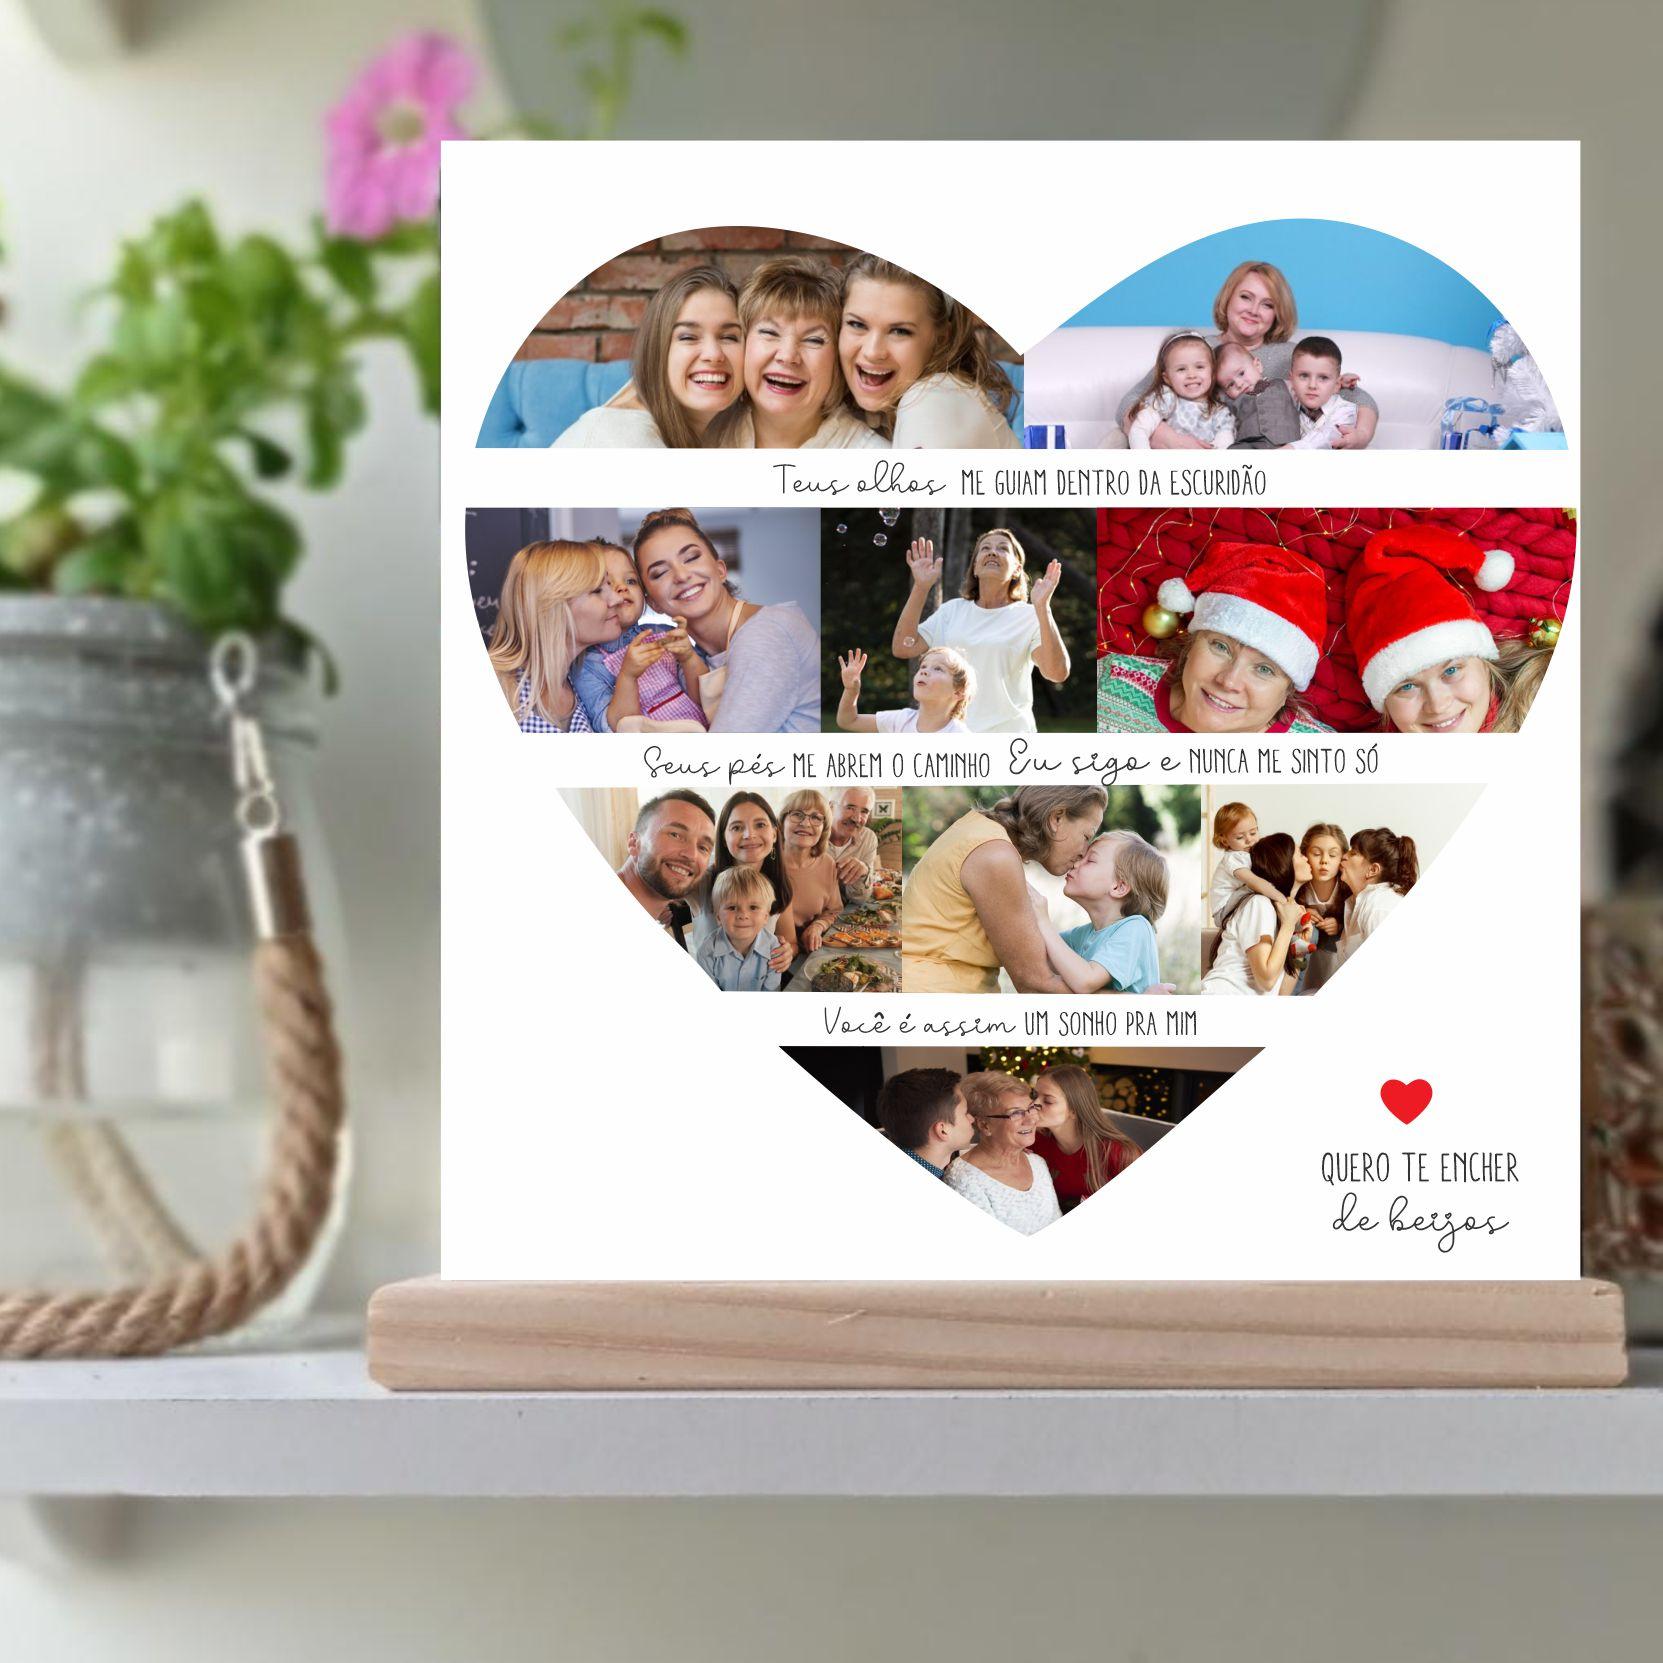 Quadro Personalizado Dia das mães  -  coracao  com foto - Quero te encher de beijos